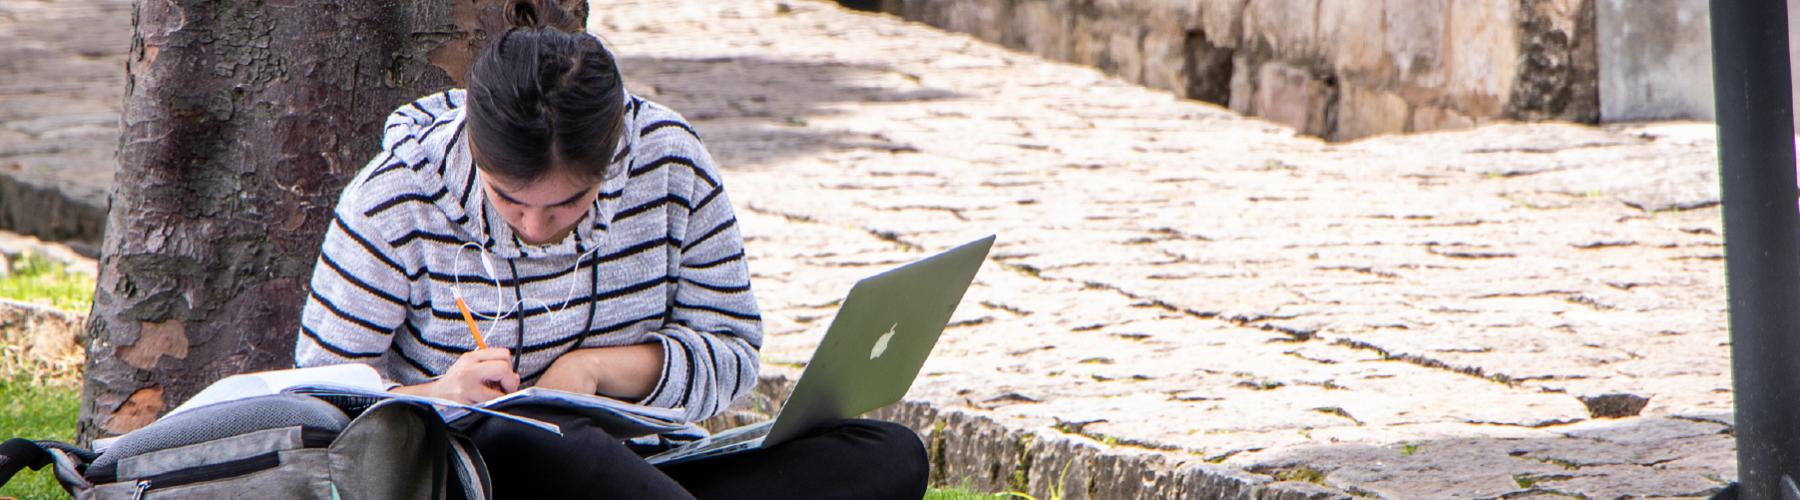 Cursos que ofrece el pregrado en Derecho de Los Andes a otras facultades. Estudiante sentada en el pasto, escribiendo en un cuaderno. Tiene un portátil en sus piernas y viste un saco de color gris claro con rayas horizontales.